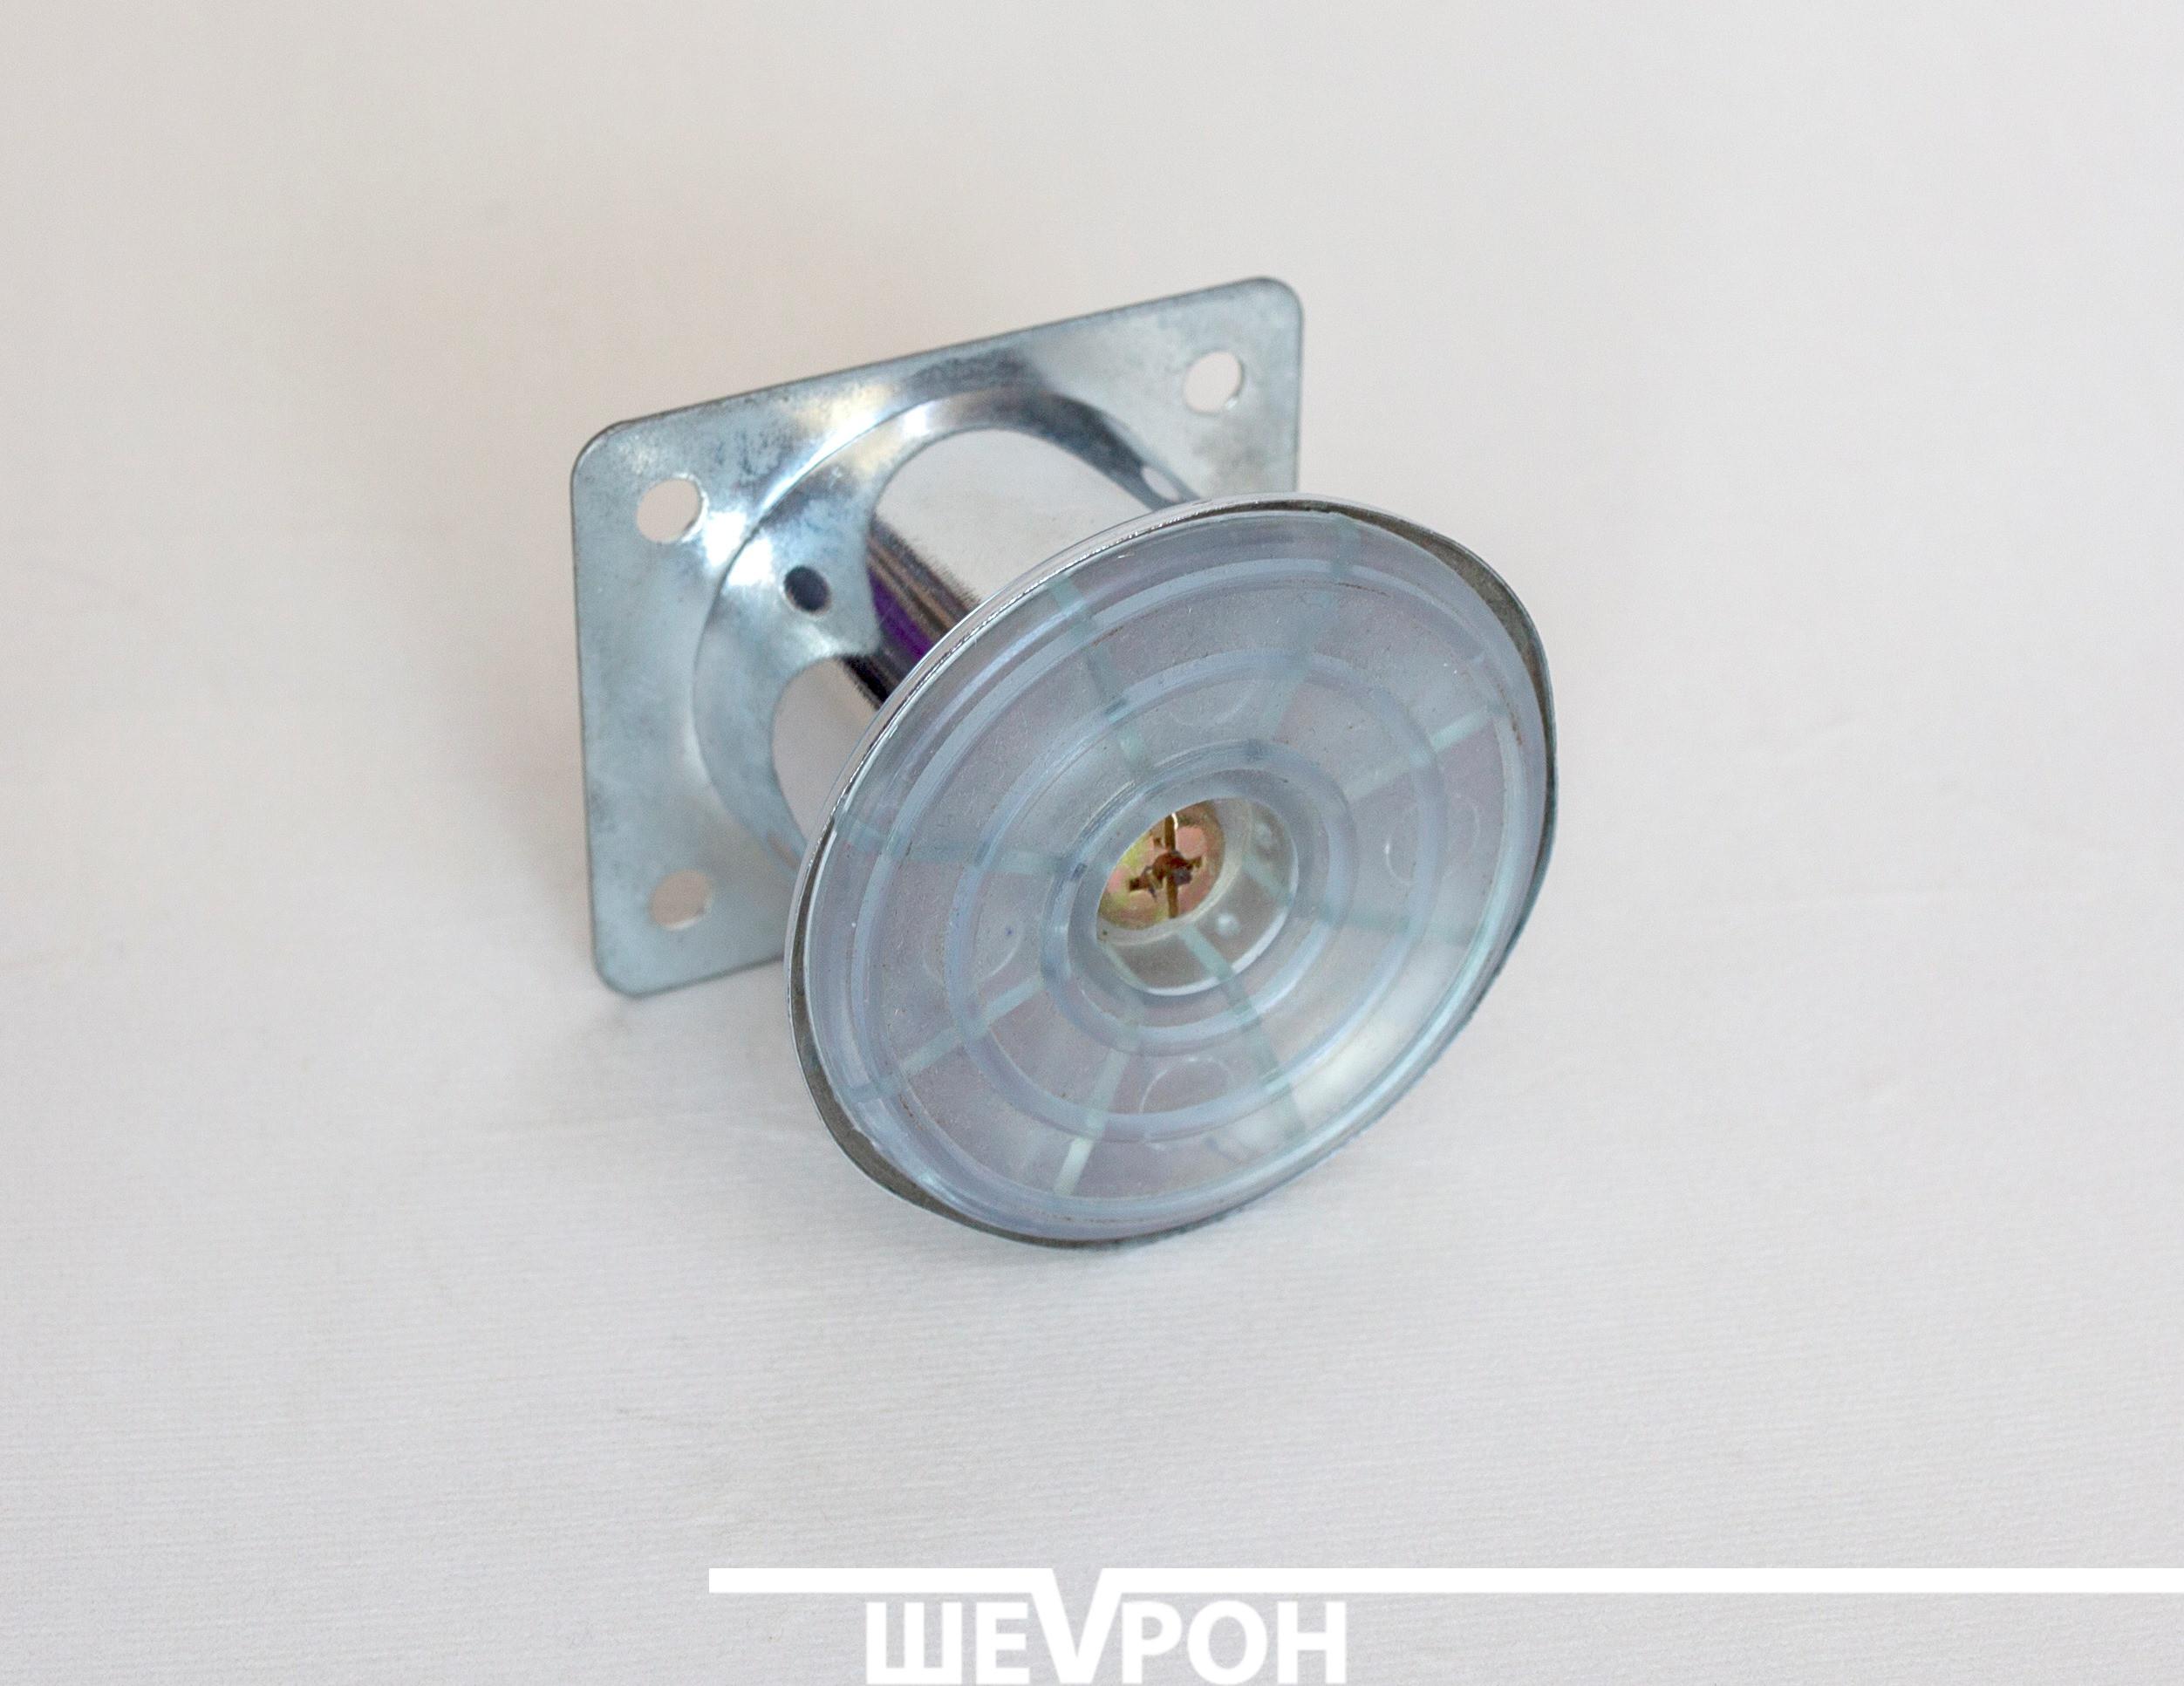 картинка Опора КА 0224-5Н/50/0.6 от магазина Шеврон